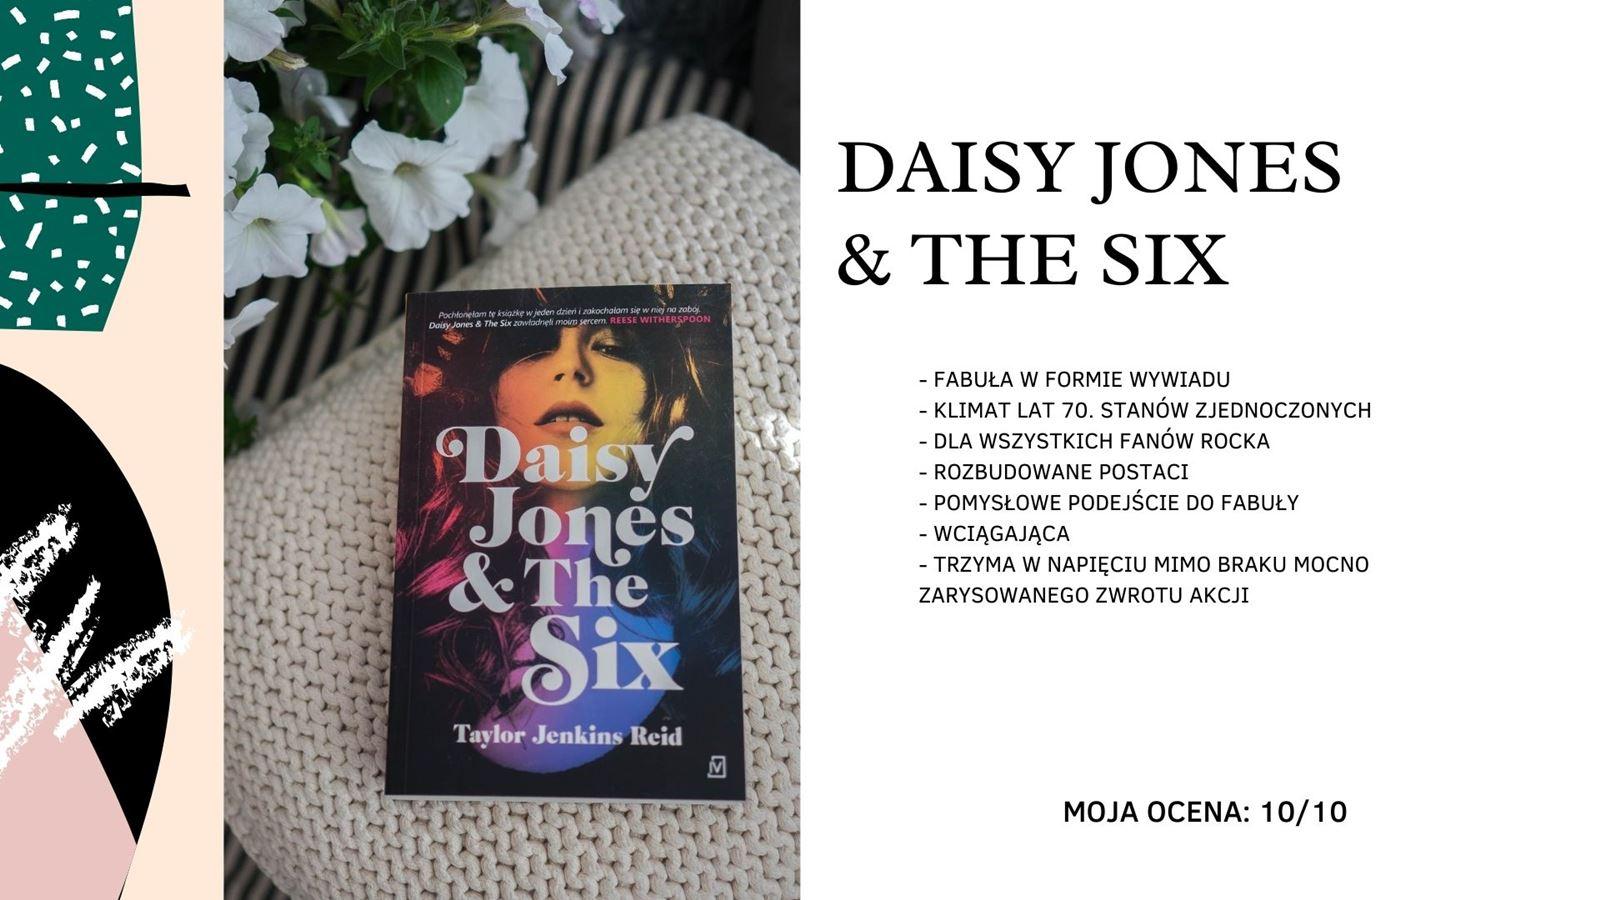 daisy jones & the six jeszcze raz bez ciebie zawsze będziemy razem wyszczekana miłośc widoki w tę samą stronę czwarta strona ksiązki nowości recenzje opinie blog ksiązkowy